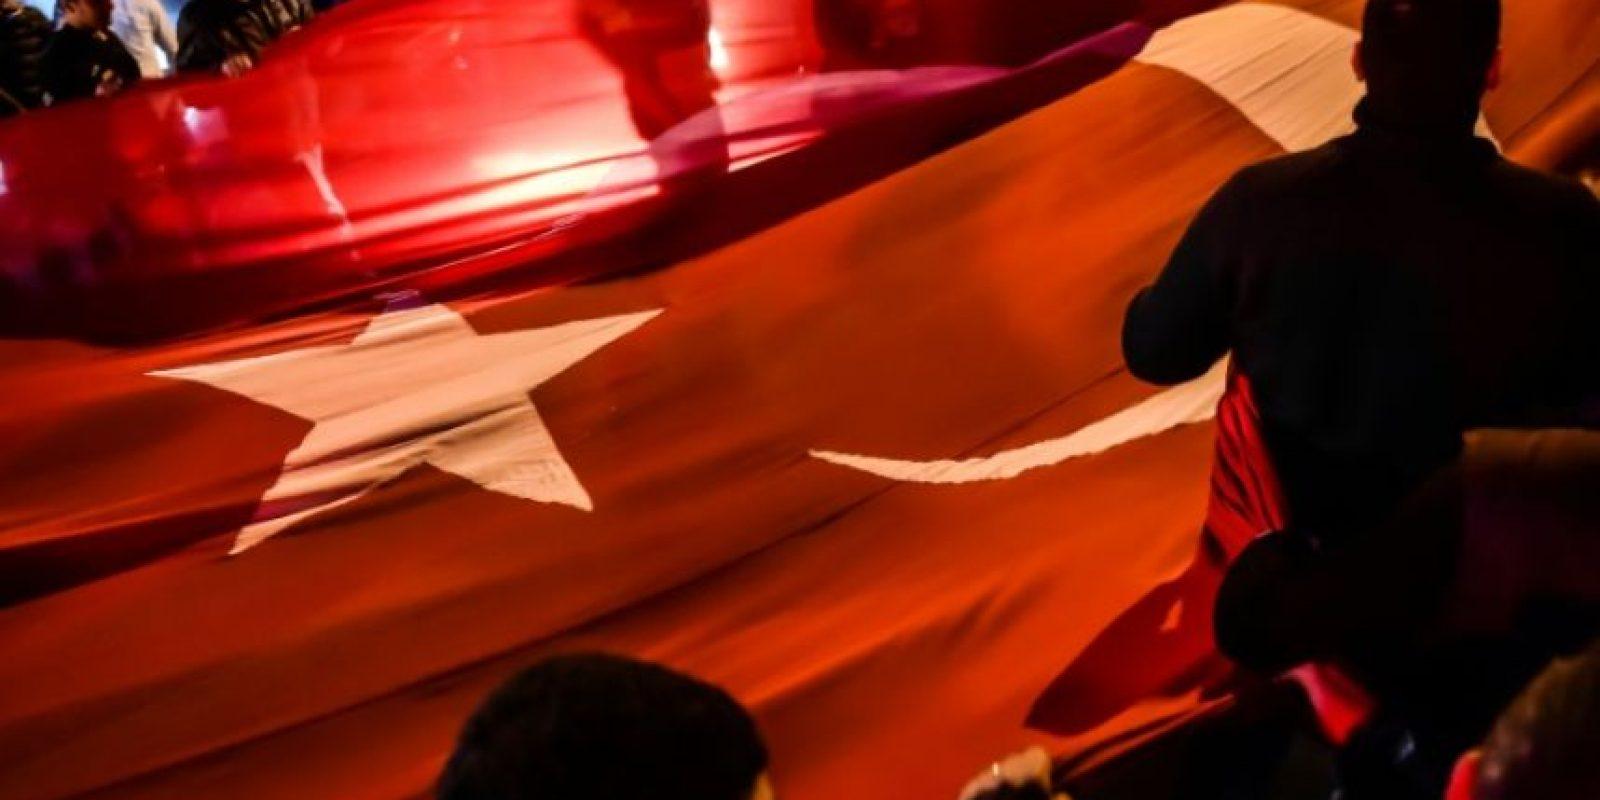 Manifestantes con una bandera turca el 11 de diciembre de 2016 en Estambul, en una protesta por los atentados del día anterior en la ciudad turca, que dejaron 38 muertos Foto:Yasin Akgul/afp.com